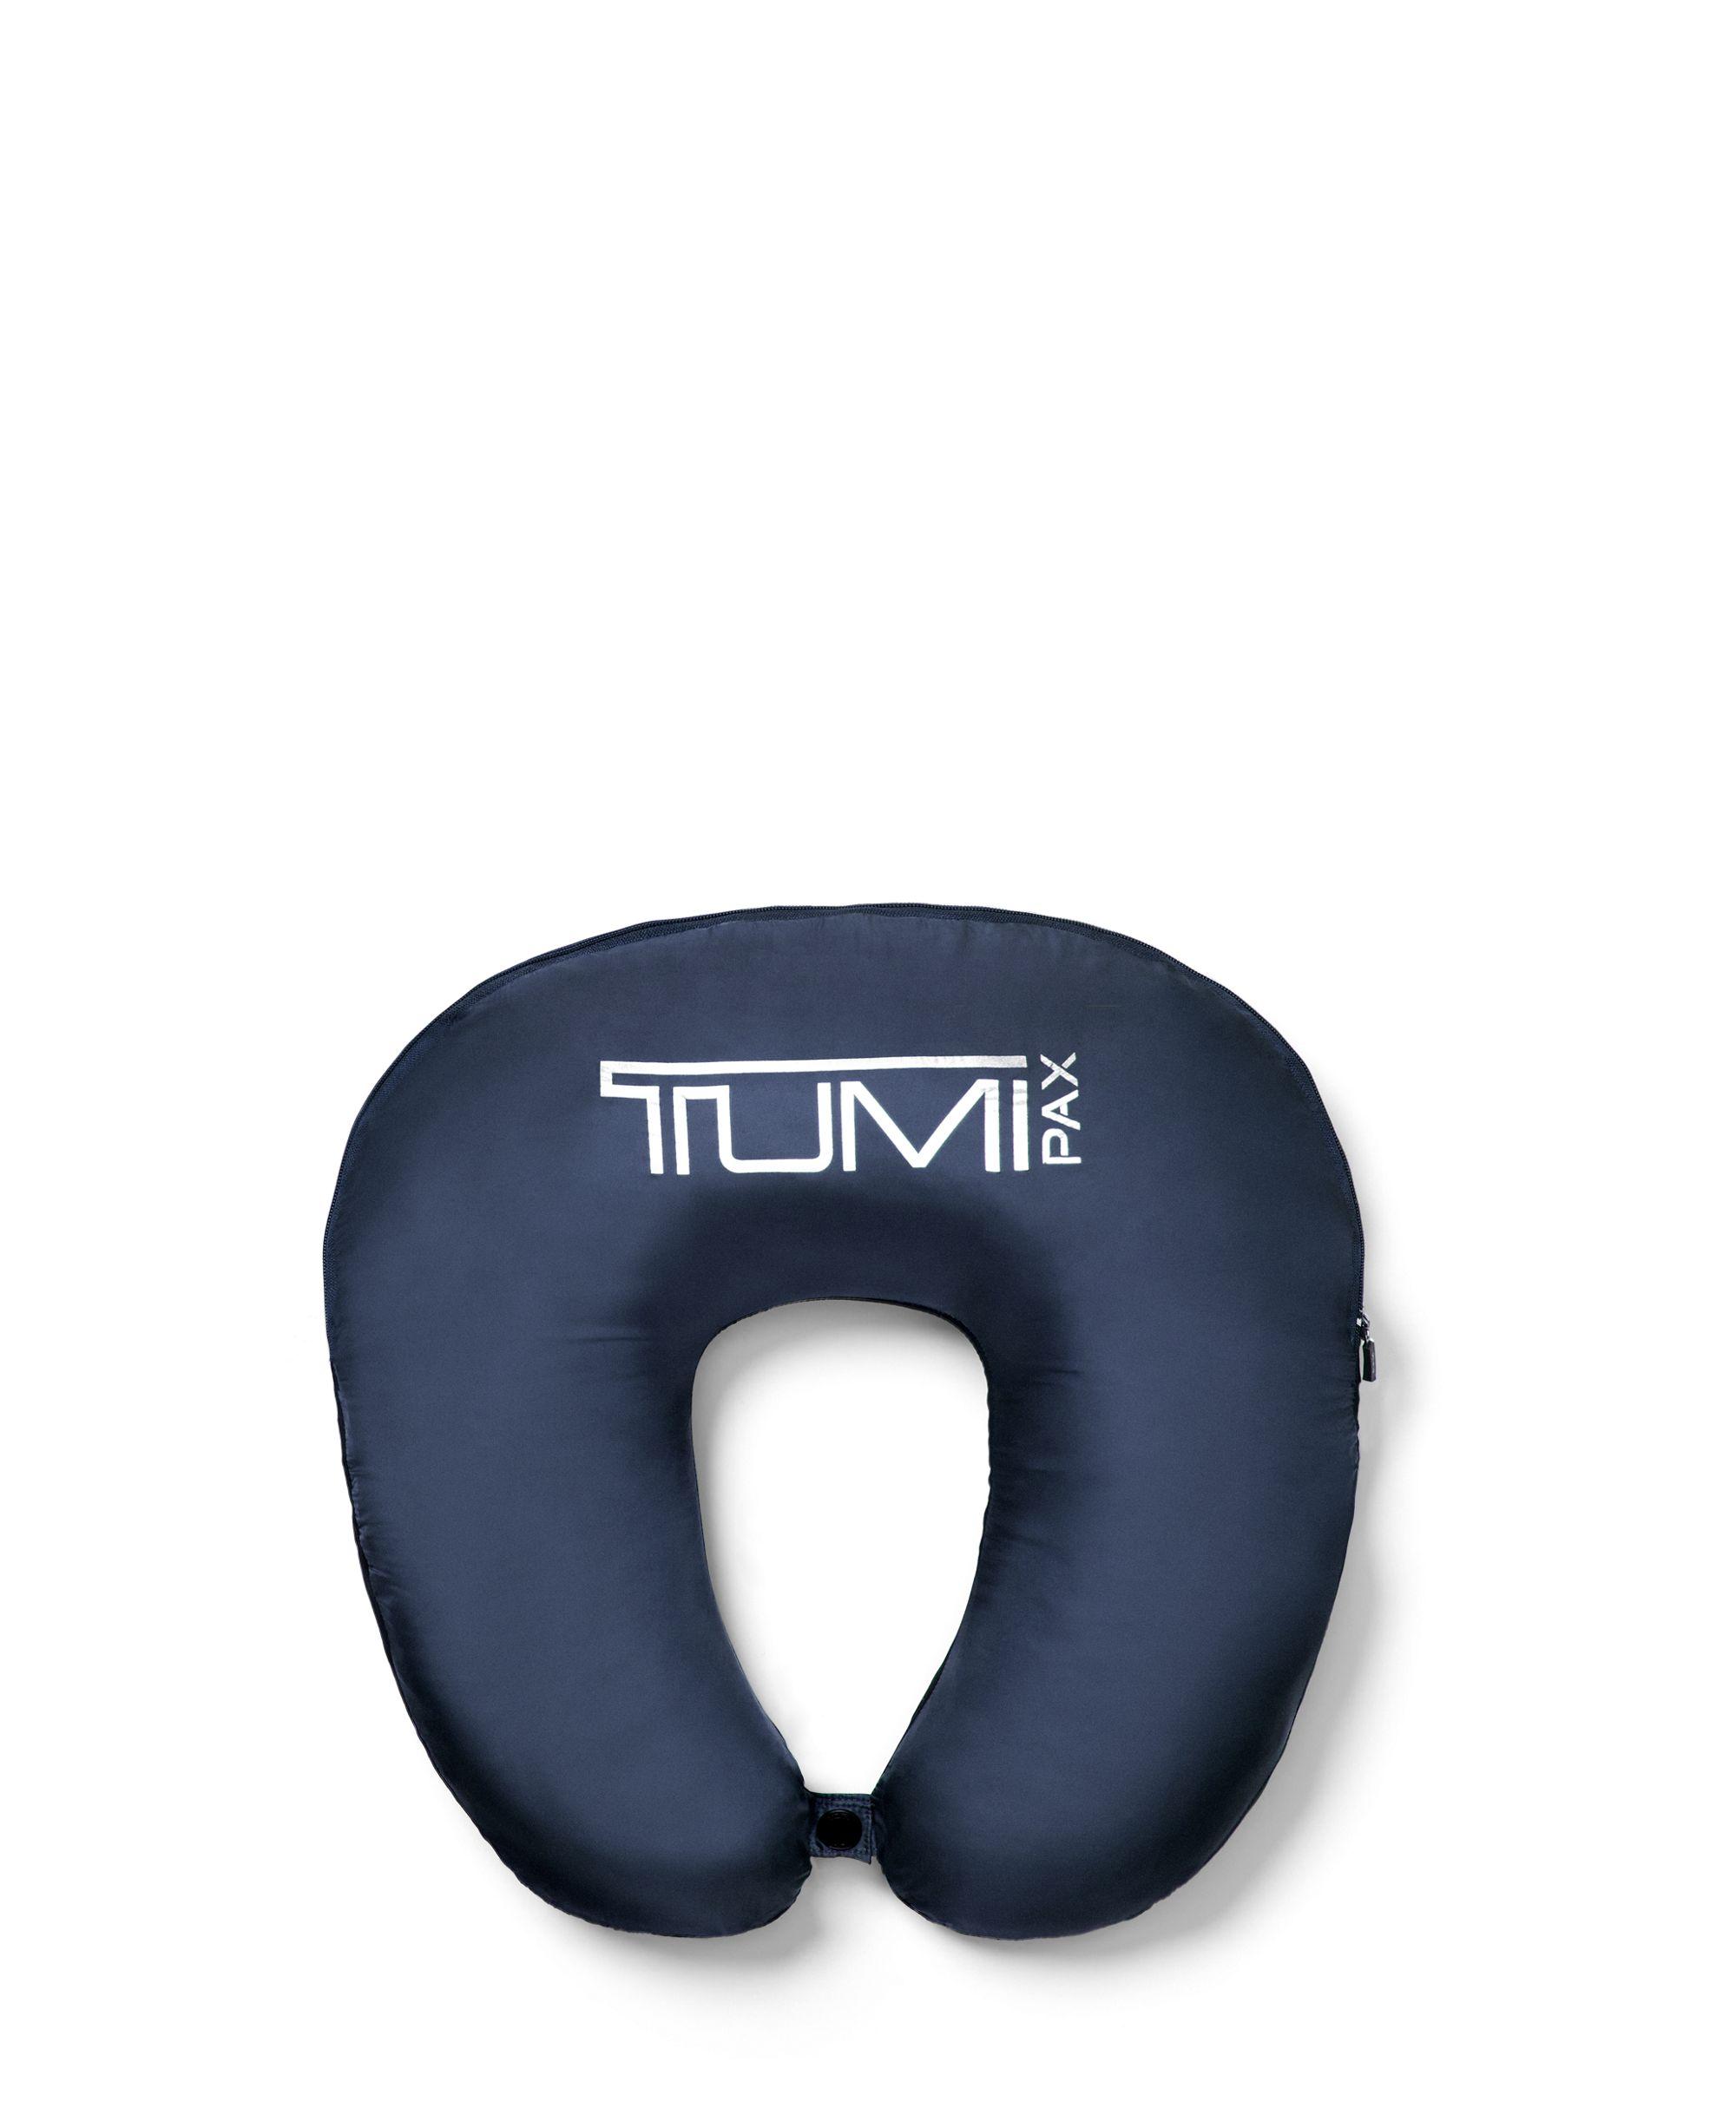 Tumi Pax Vêtements De Dessus Marine Enveloppe Compressible M c7TdXei6j